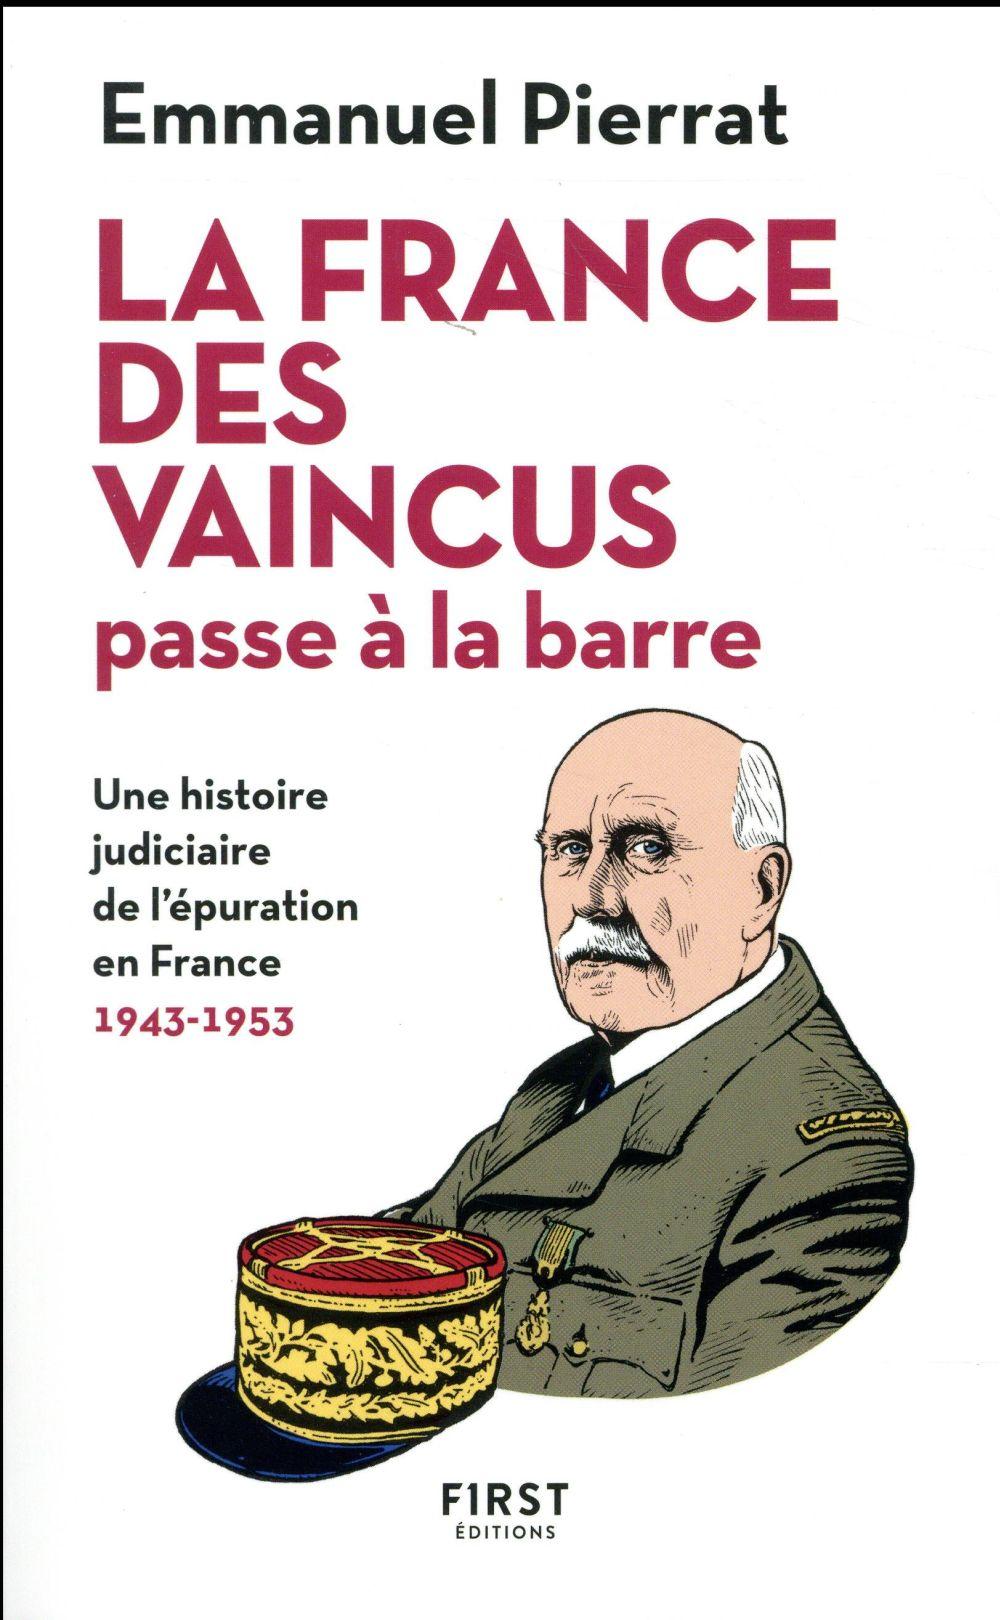 LA FRANCE DES VAINCUS PASSE A LA BARRE - UNE HISTOIRE JUDICIAIRE DE L'EPURATION EN FRANCE 1943-1953